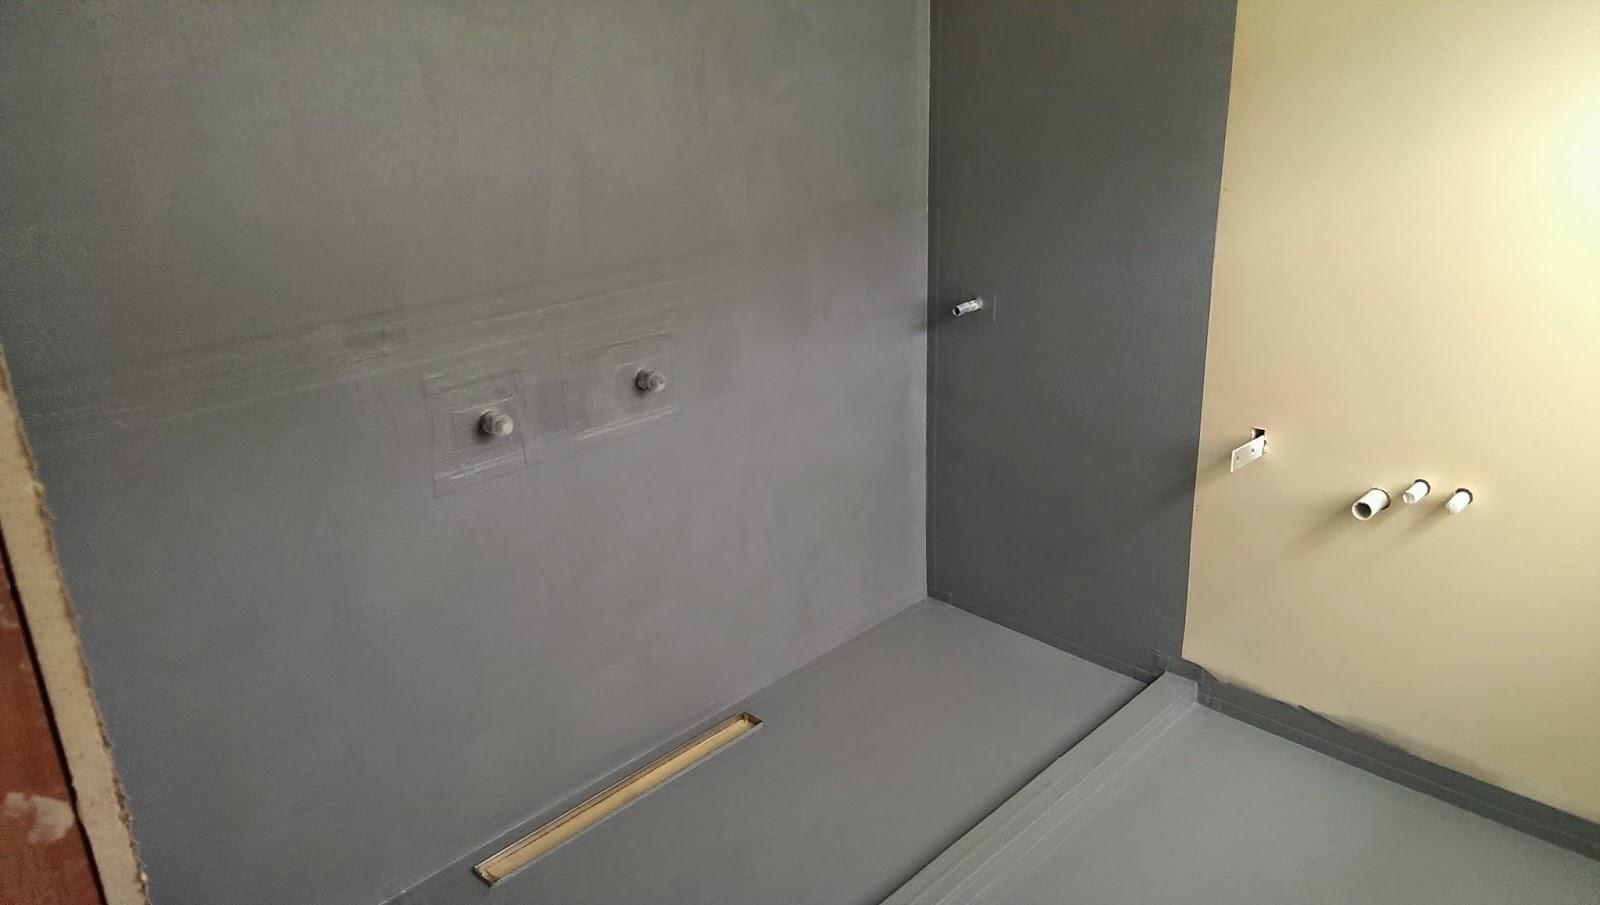 bathroom leakage treatment | bathroom leakage repair in lahore | how to stop seepage in bathroom | wall seepage treatment in pakistan | water leakage solutions | sky chemical services